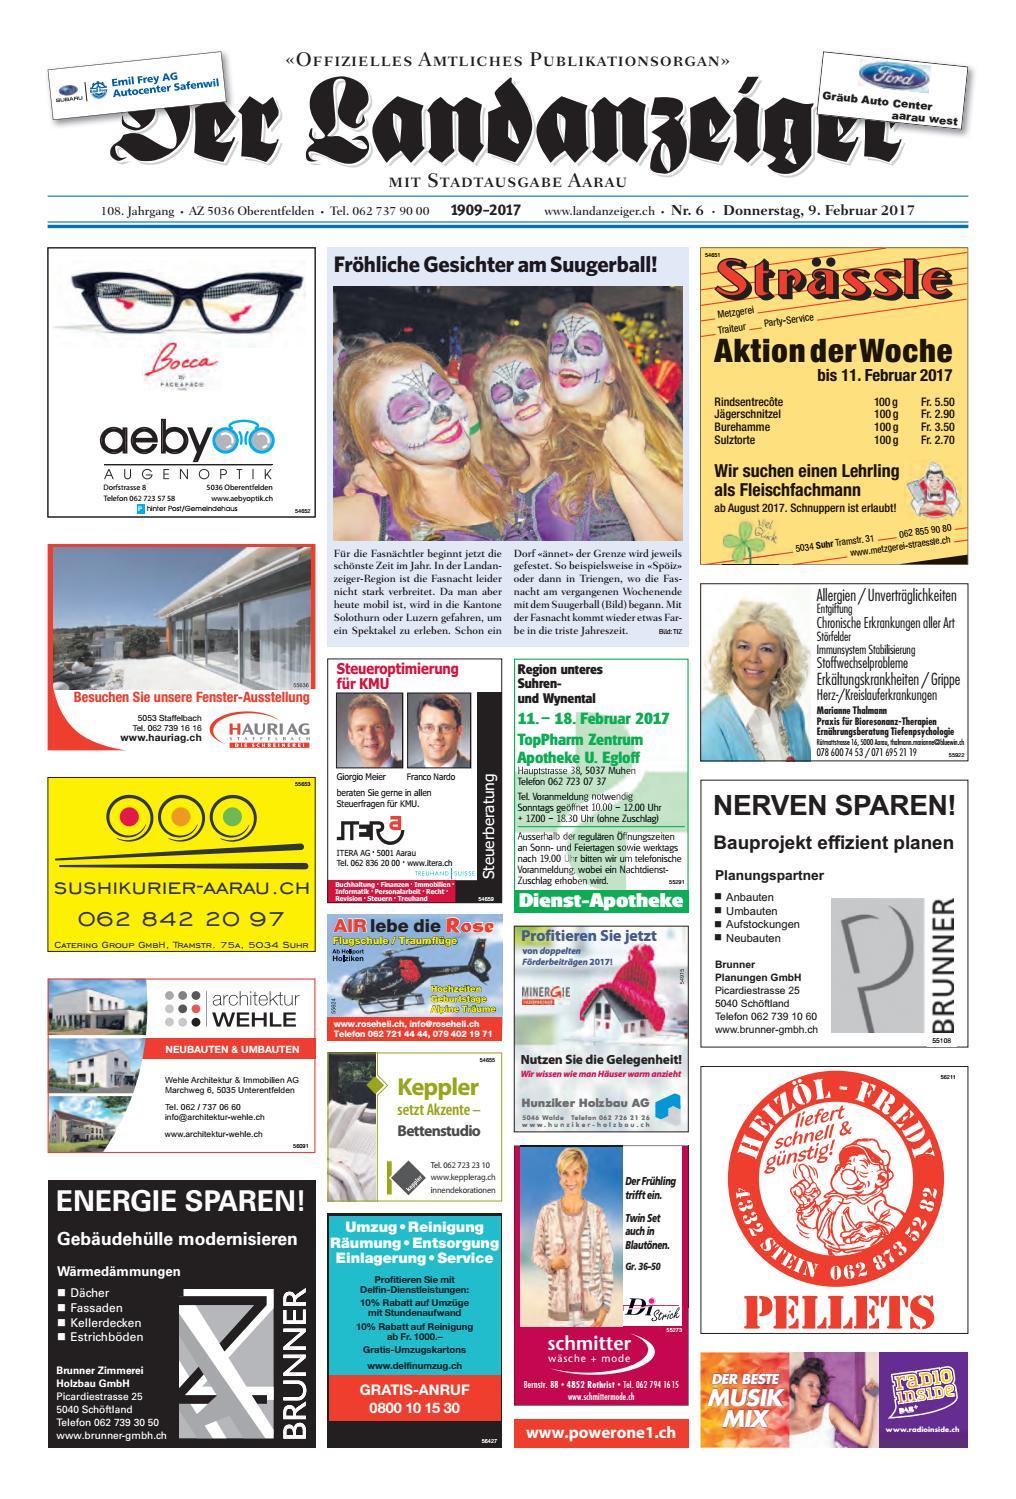 Der Landanzeiger 06/17 by ZT Medien AG - issuu